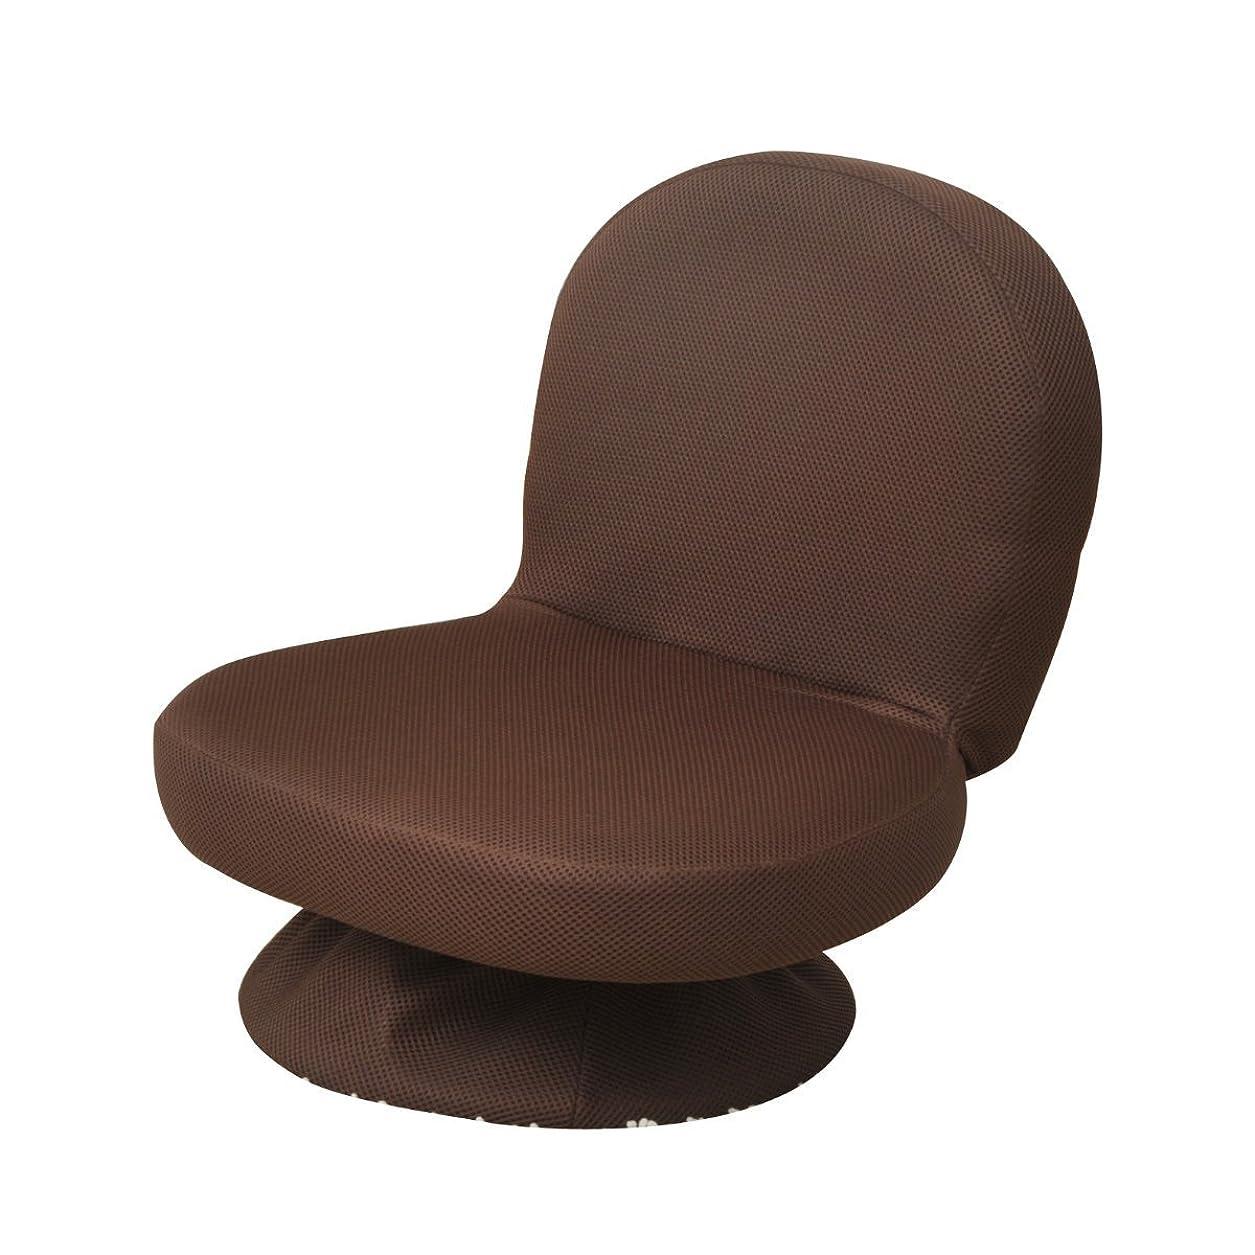 翻訳圧縮された神学校山善 回転座椅子 幅46×奥行48.5×高さ45.5cm あぐら 2つ折り メッシュ生地 完成品 ダークブラウン SAGR-45-D(WDB)